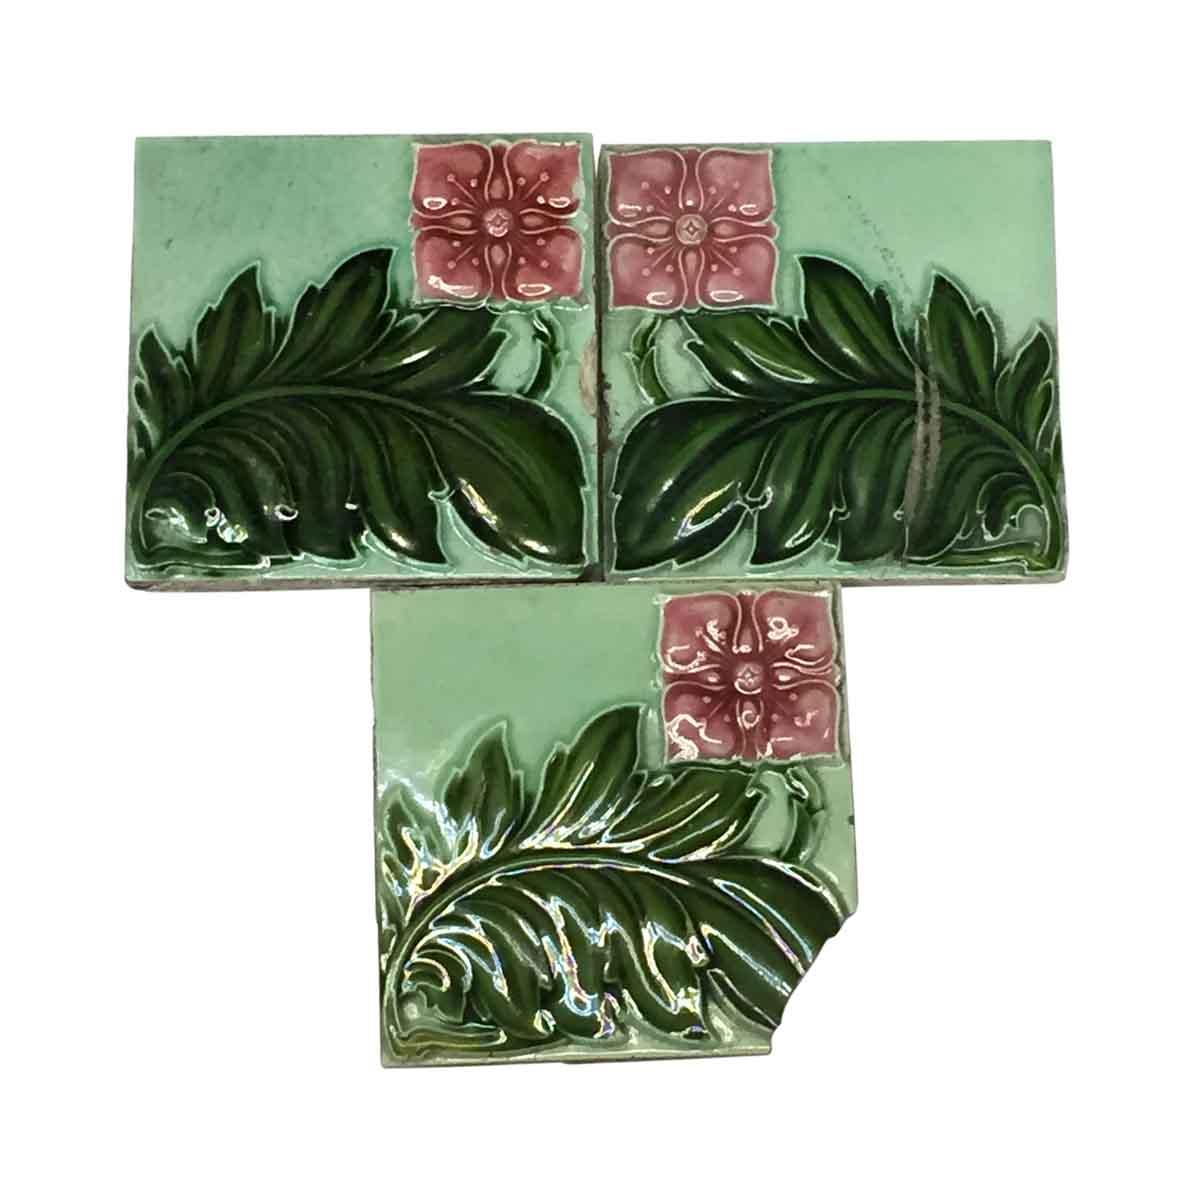 Antique Mint Green Art Nouveau Floral Tile Set Olde Good